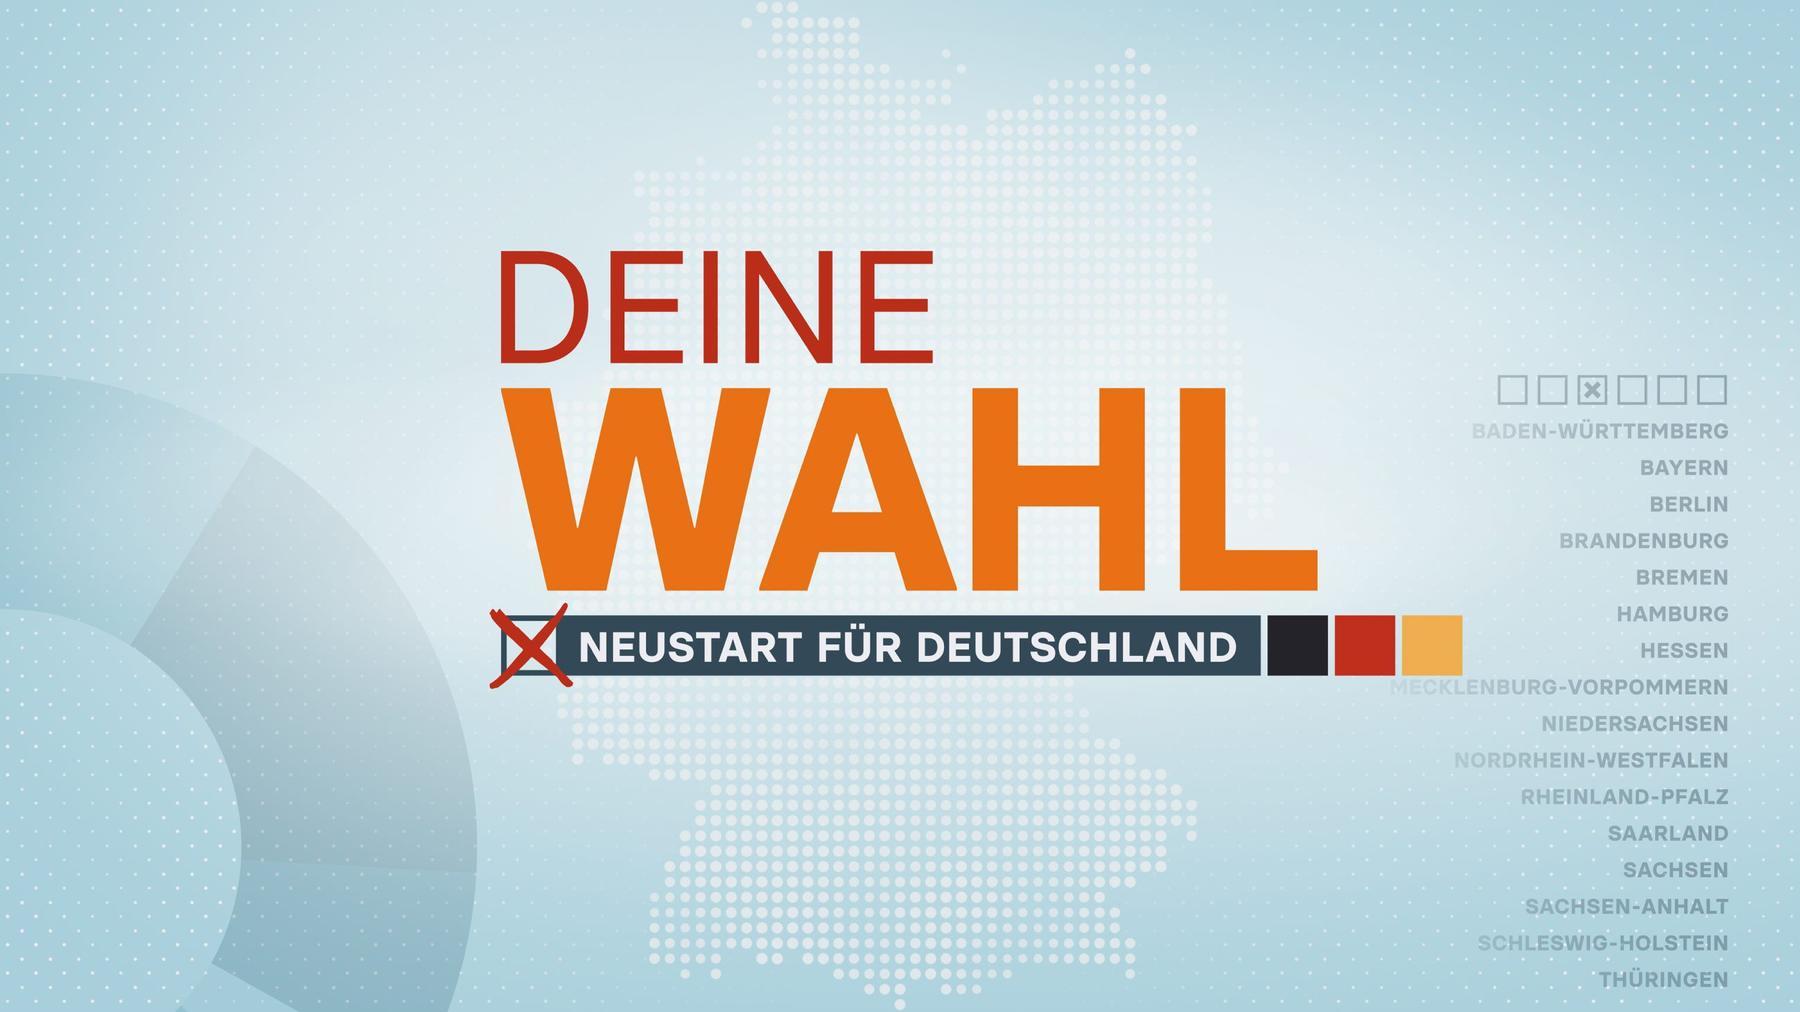 Neustart für Deutschland - Der Wahltag